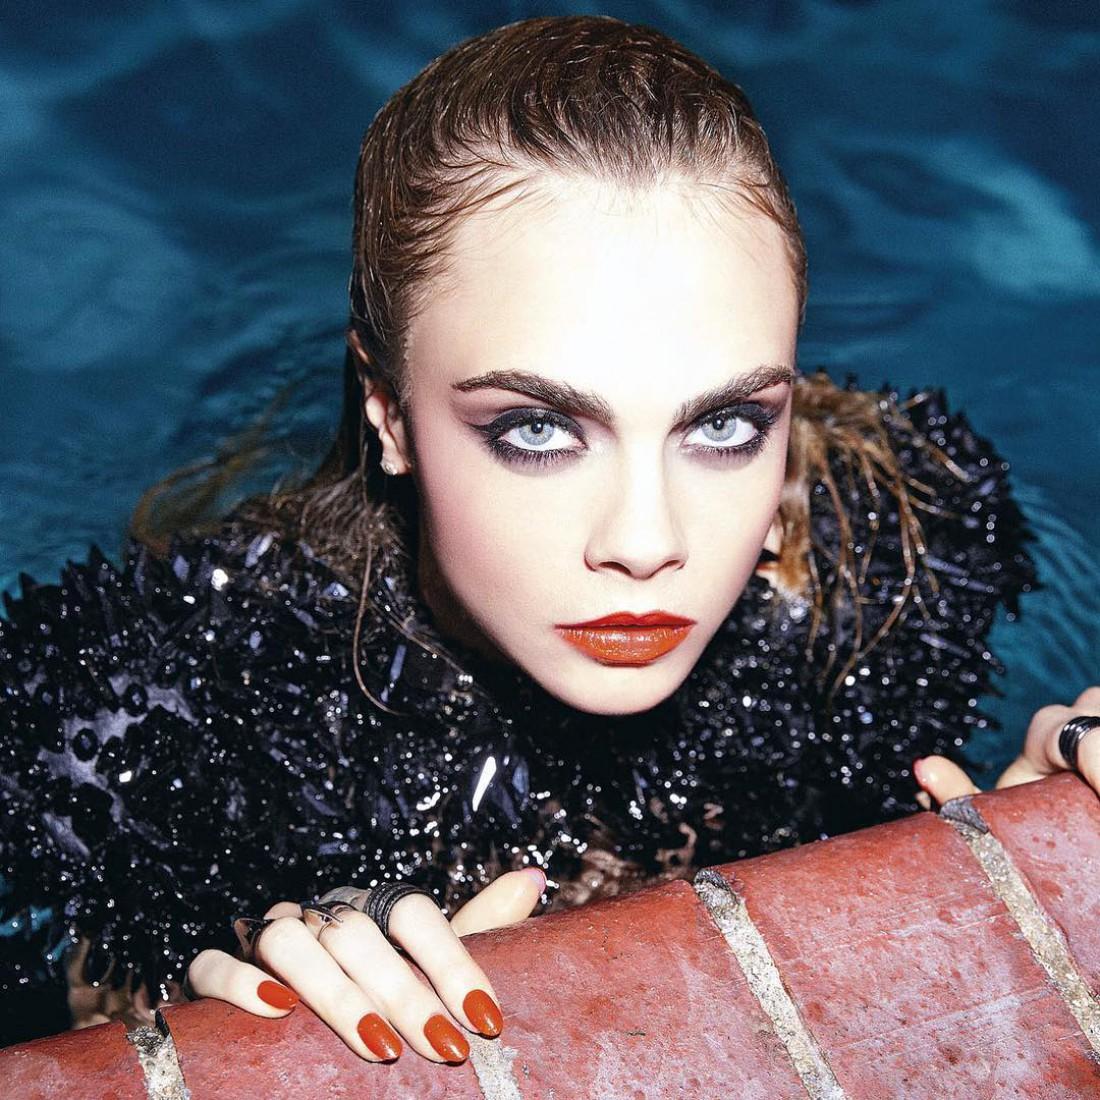 Кара Делевинь: я заметила, что модельный бизнес вгоняет меня в депрессию